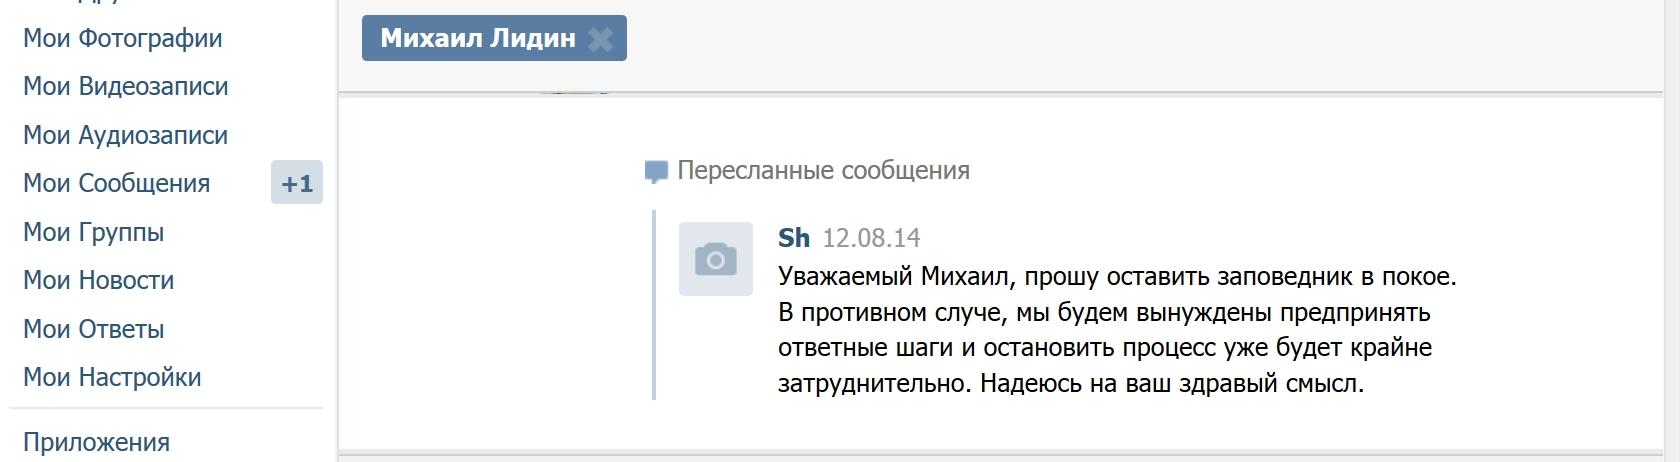 мудак Шевцов